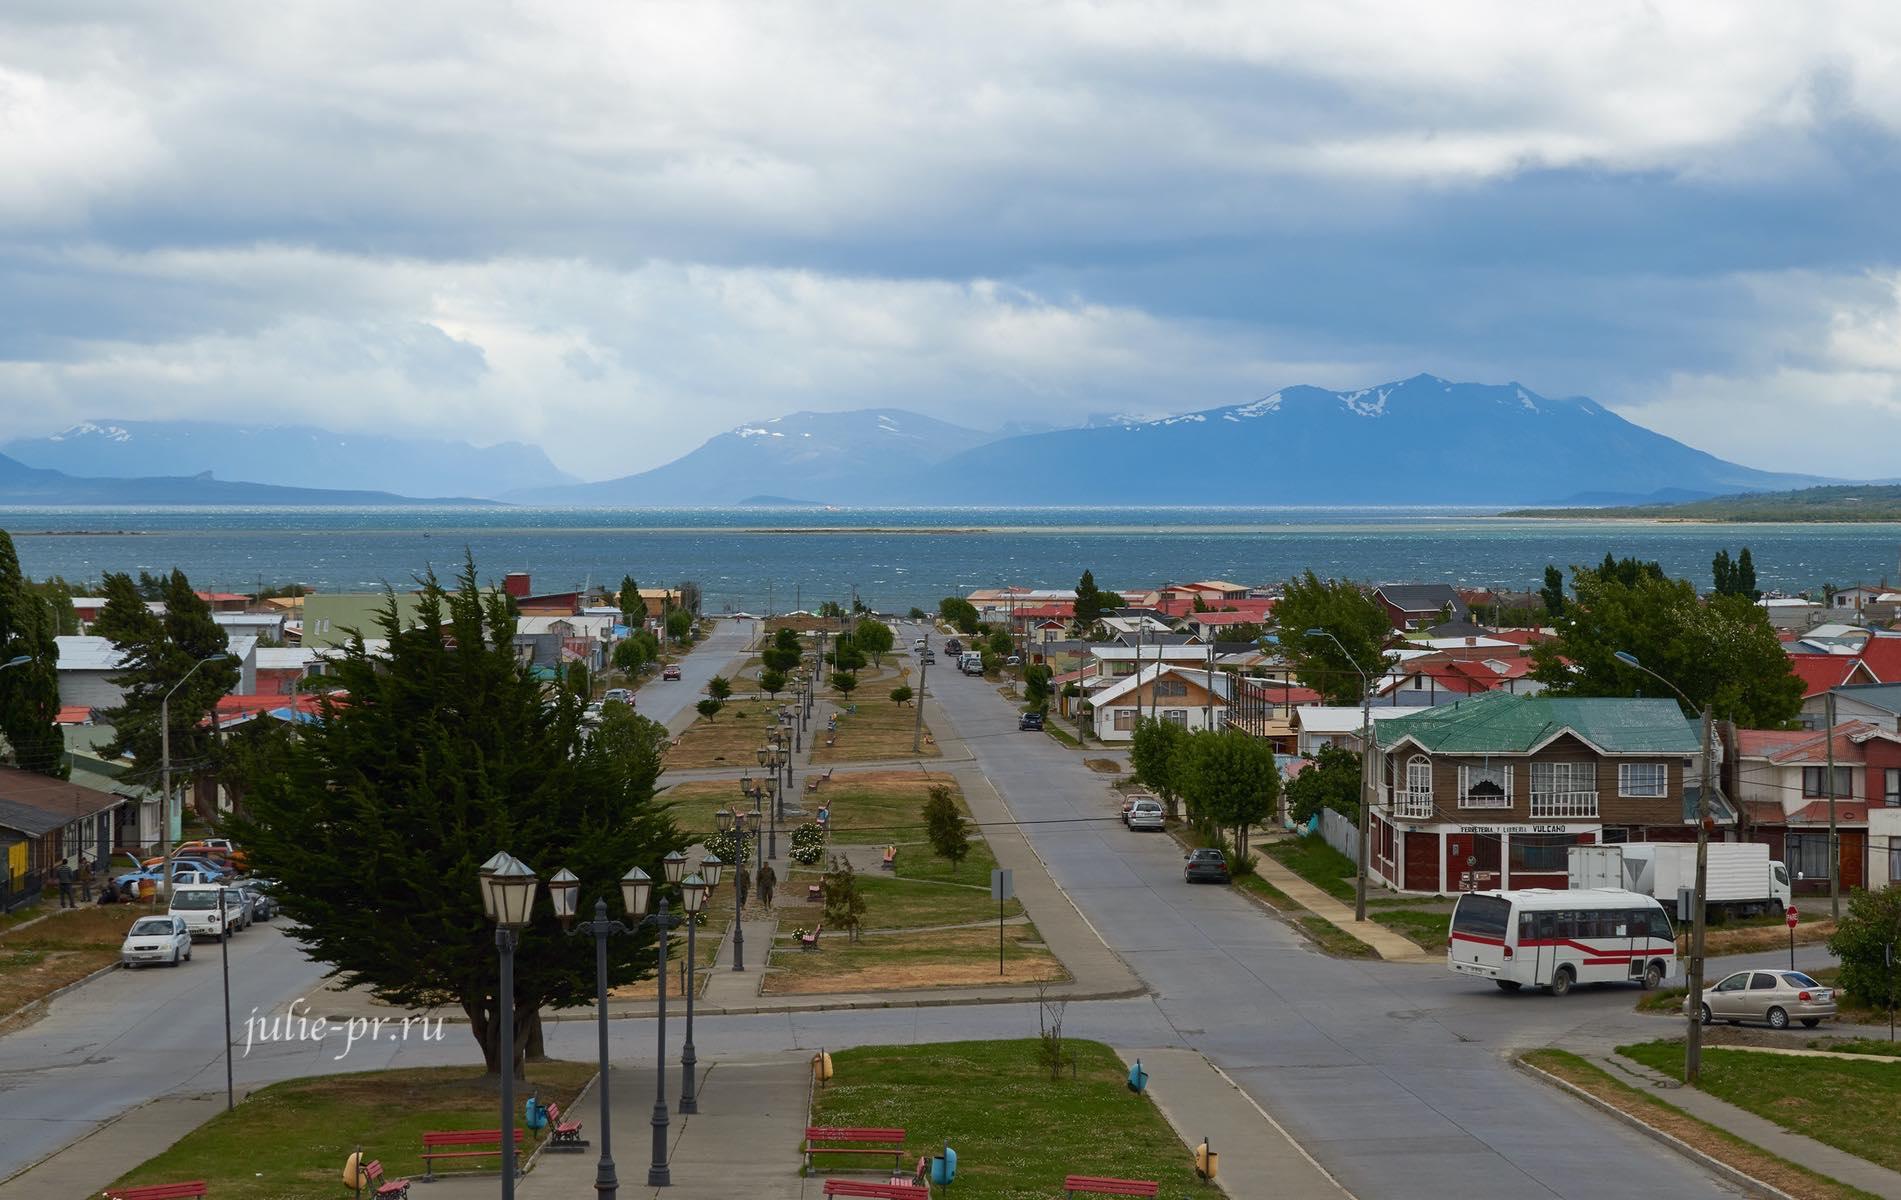 Чили, Патагония, Пуэрто-Наталес